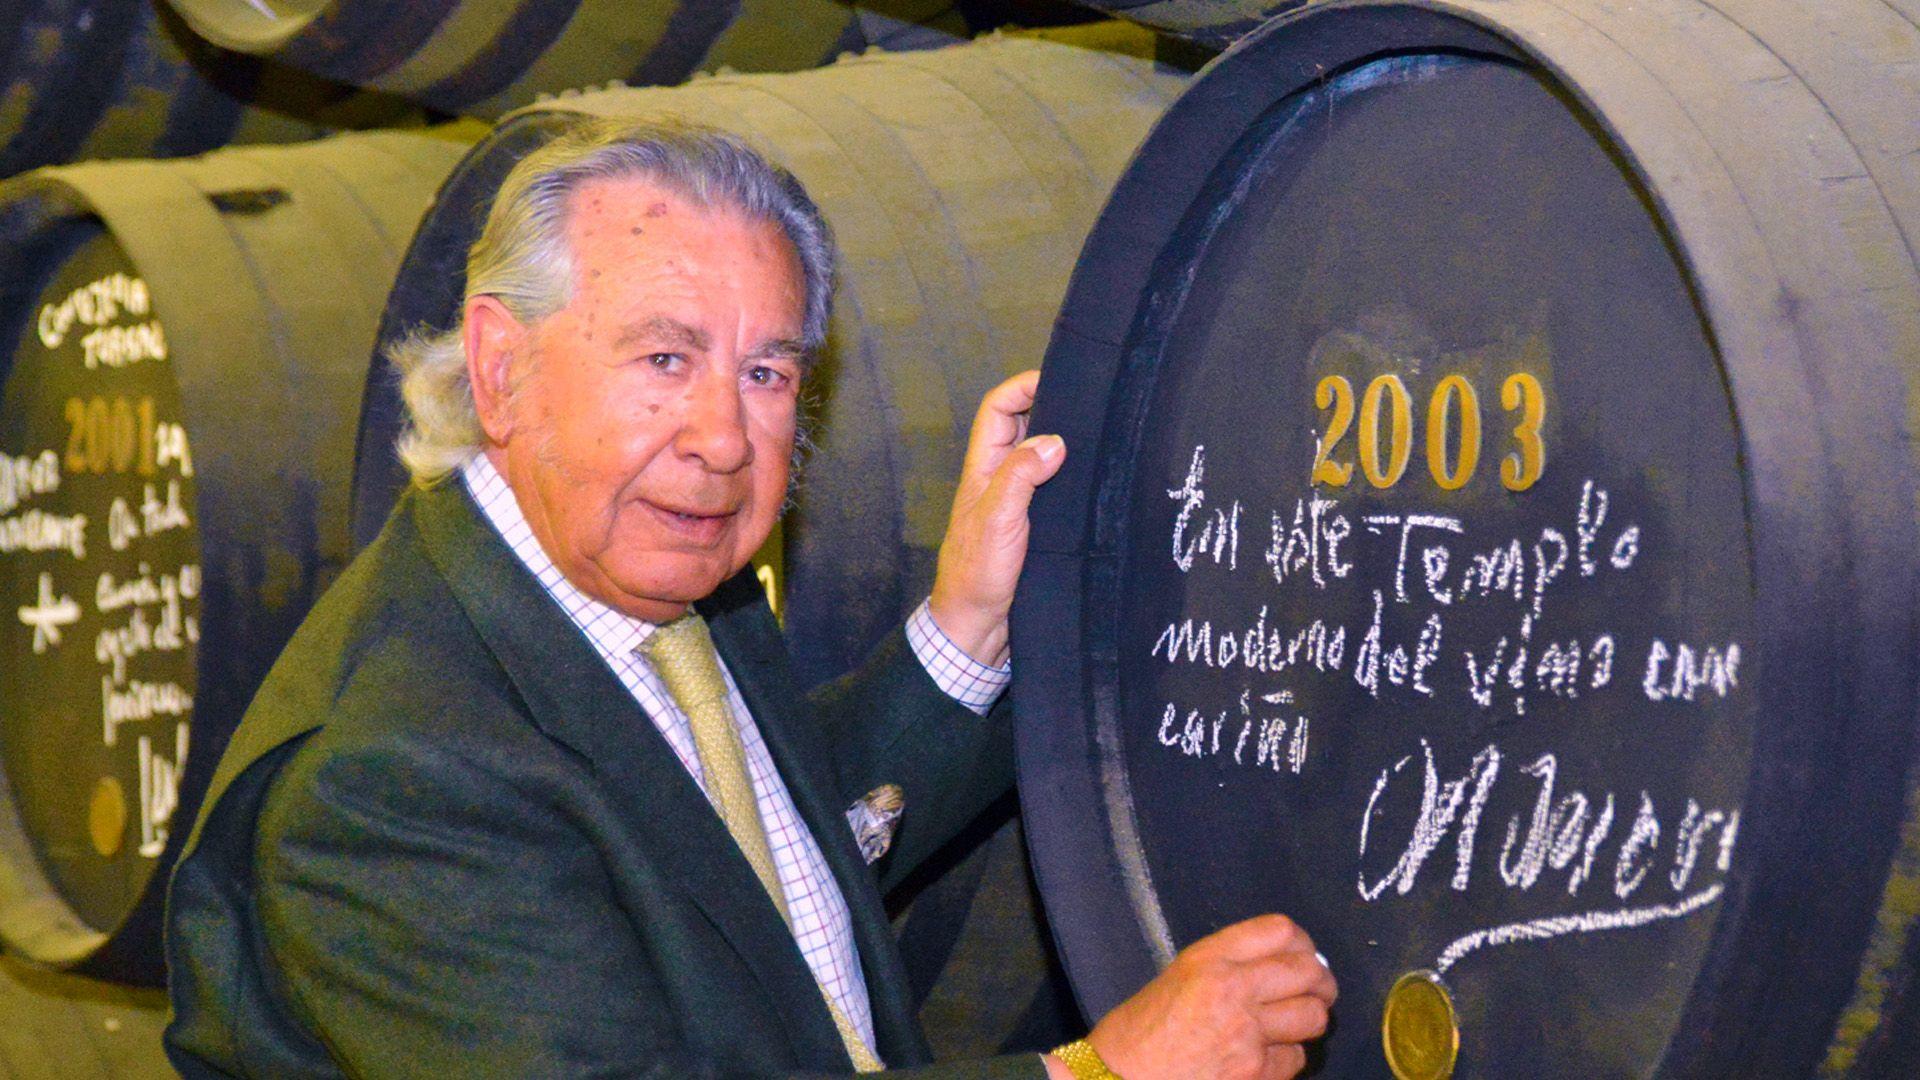 Manuel Morao firmando en 2003 en una bota de Williams-Humbert